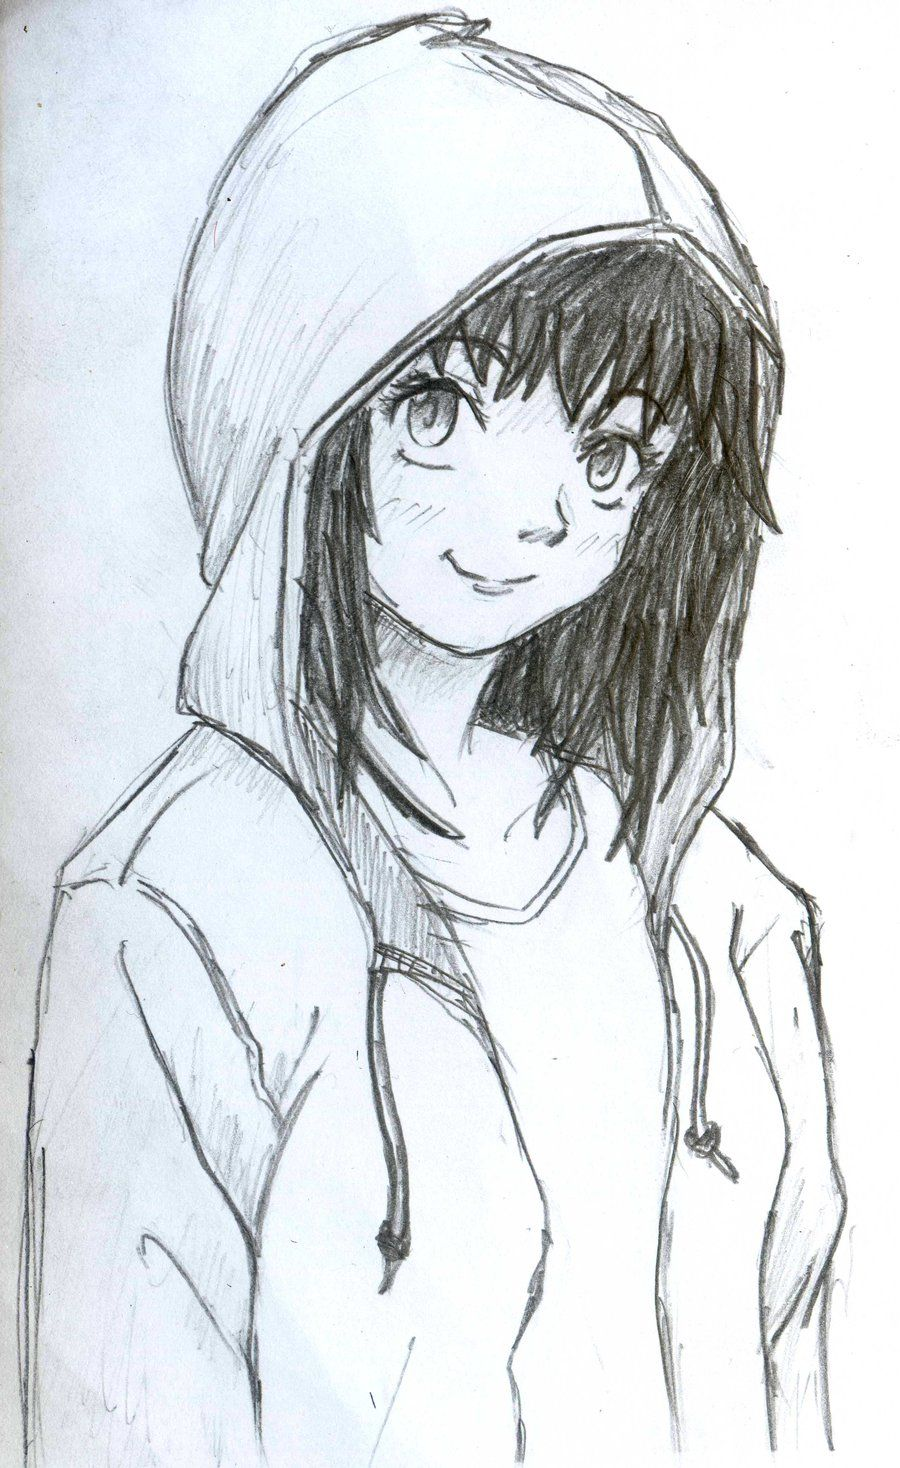 Hoodie Girl by diyanahnadzree on DeviantArt Anime hoodie